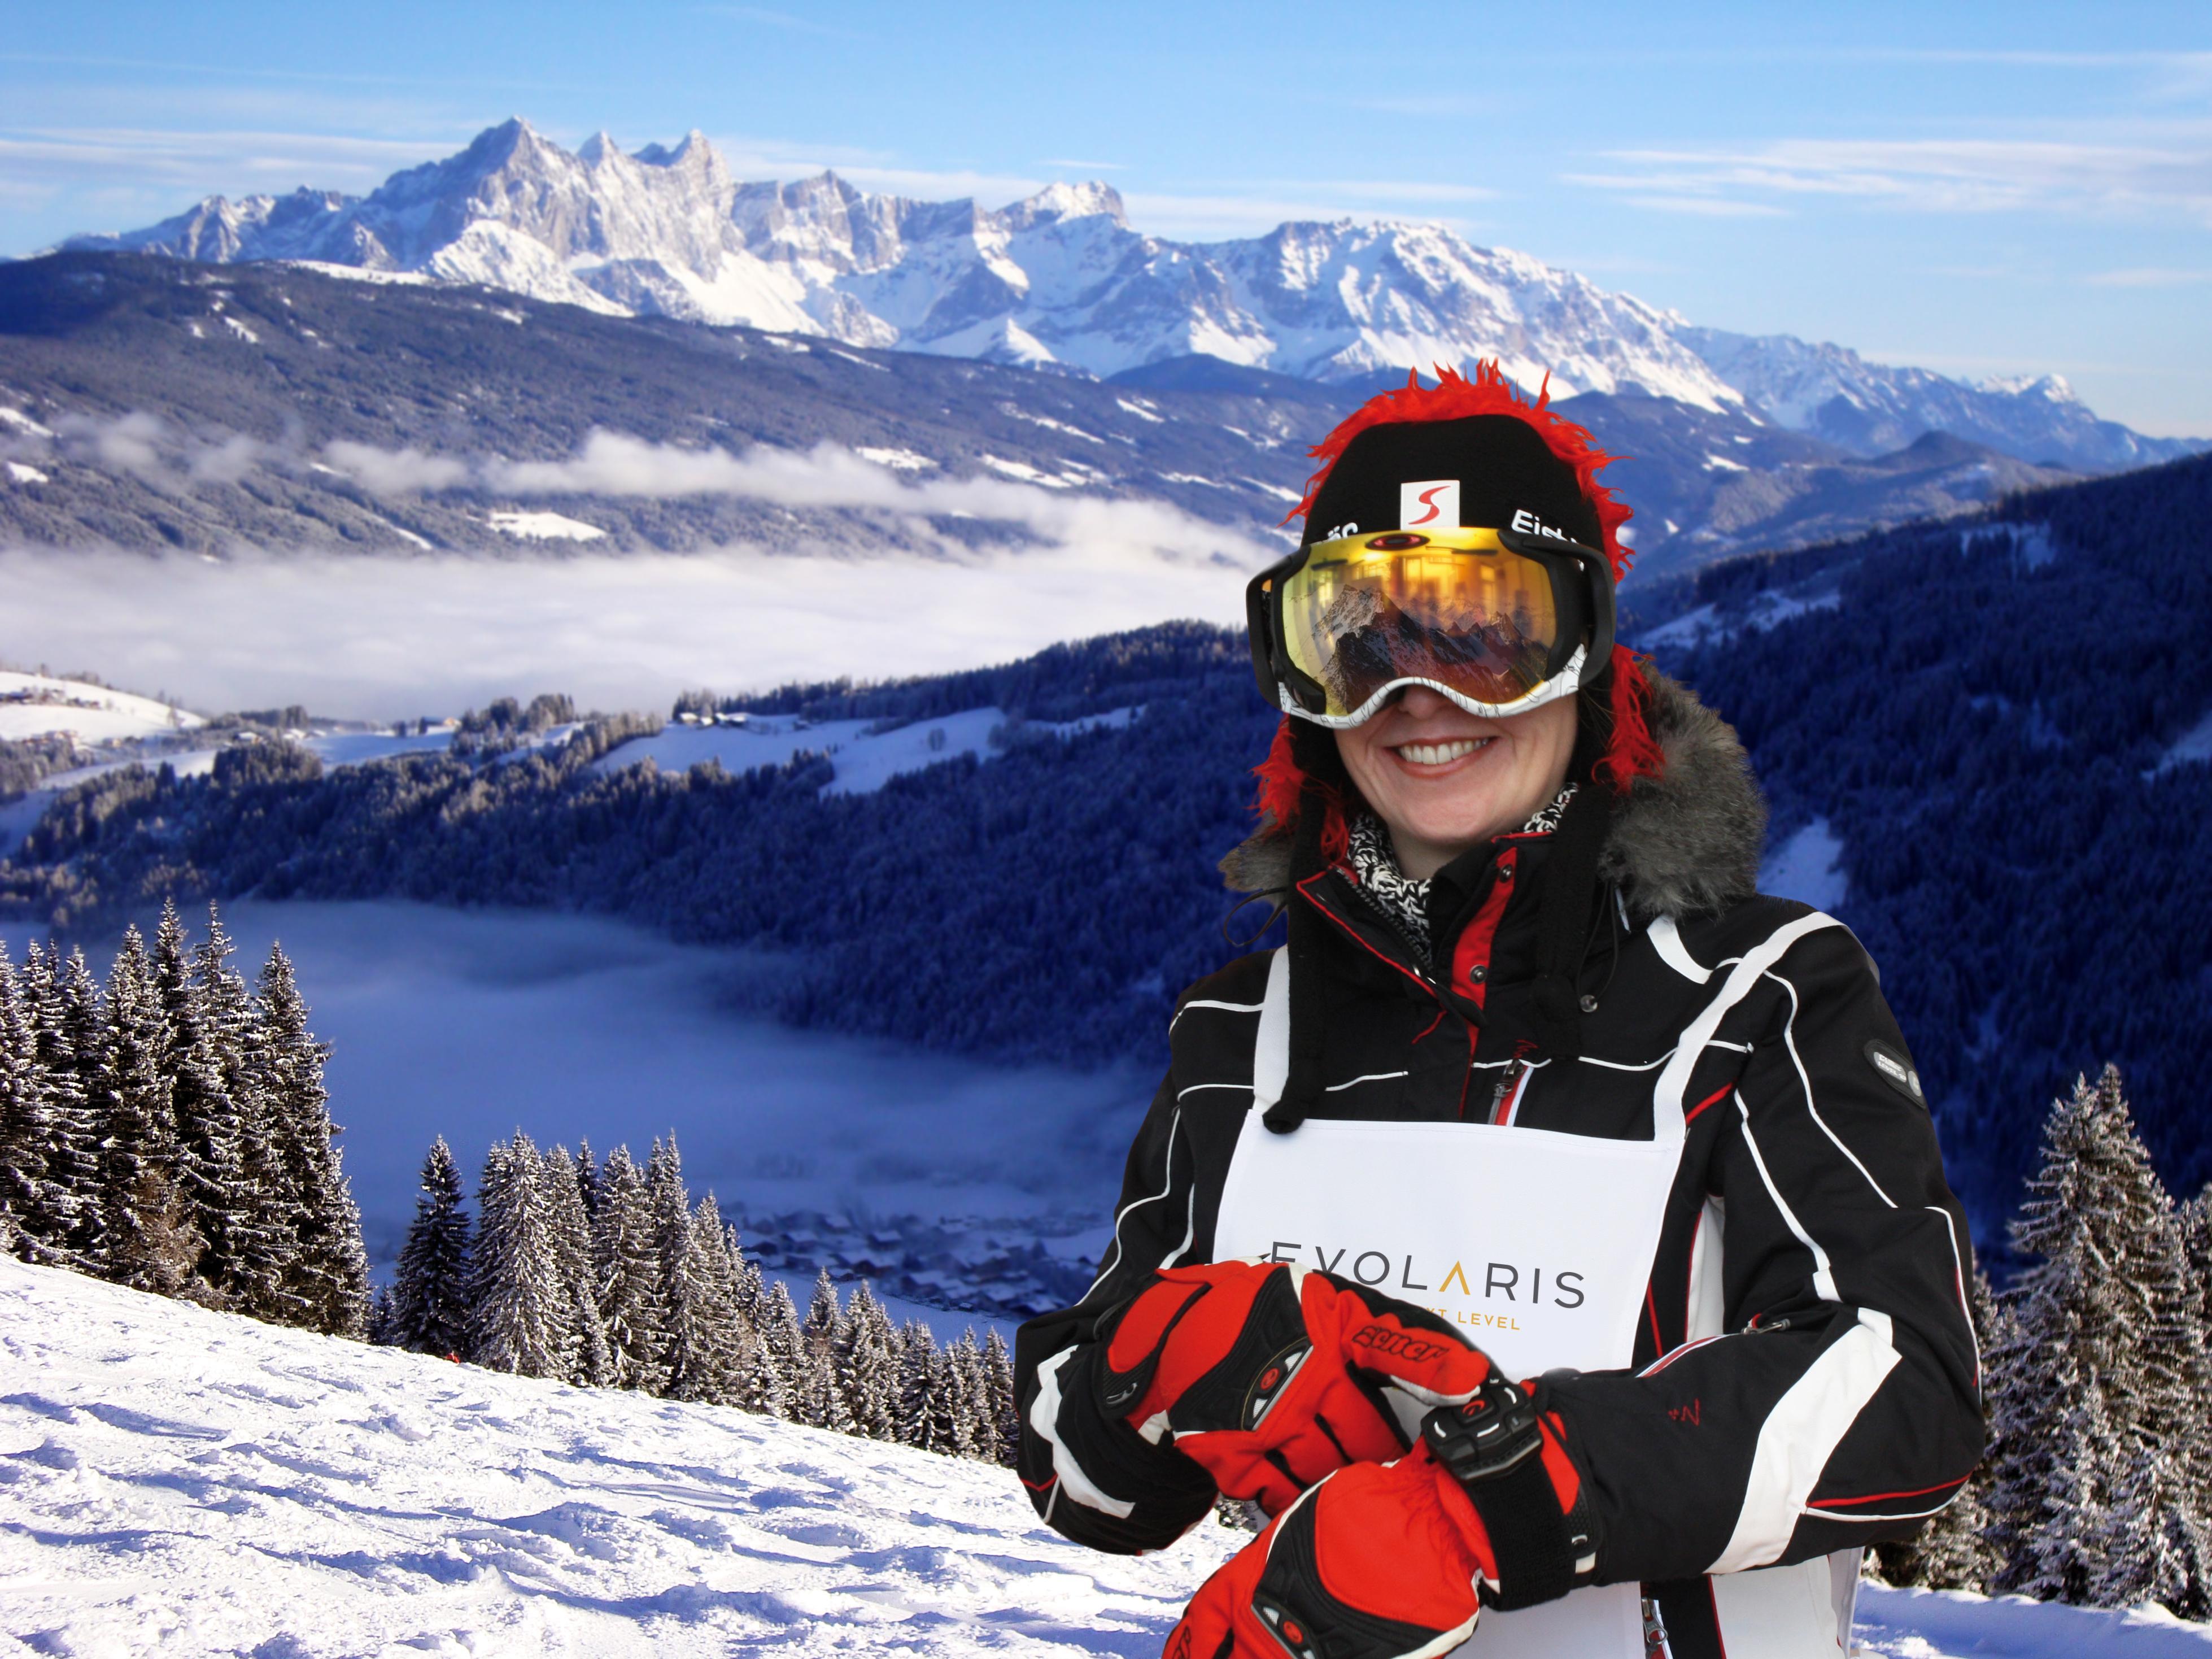 Bildtext: Zwischen 4. und 17. Februar testet evolaris eine Ski-Brille mit eingebautem Display in Schladming.